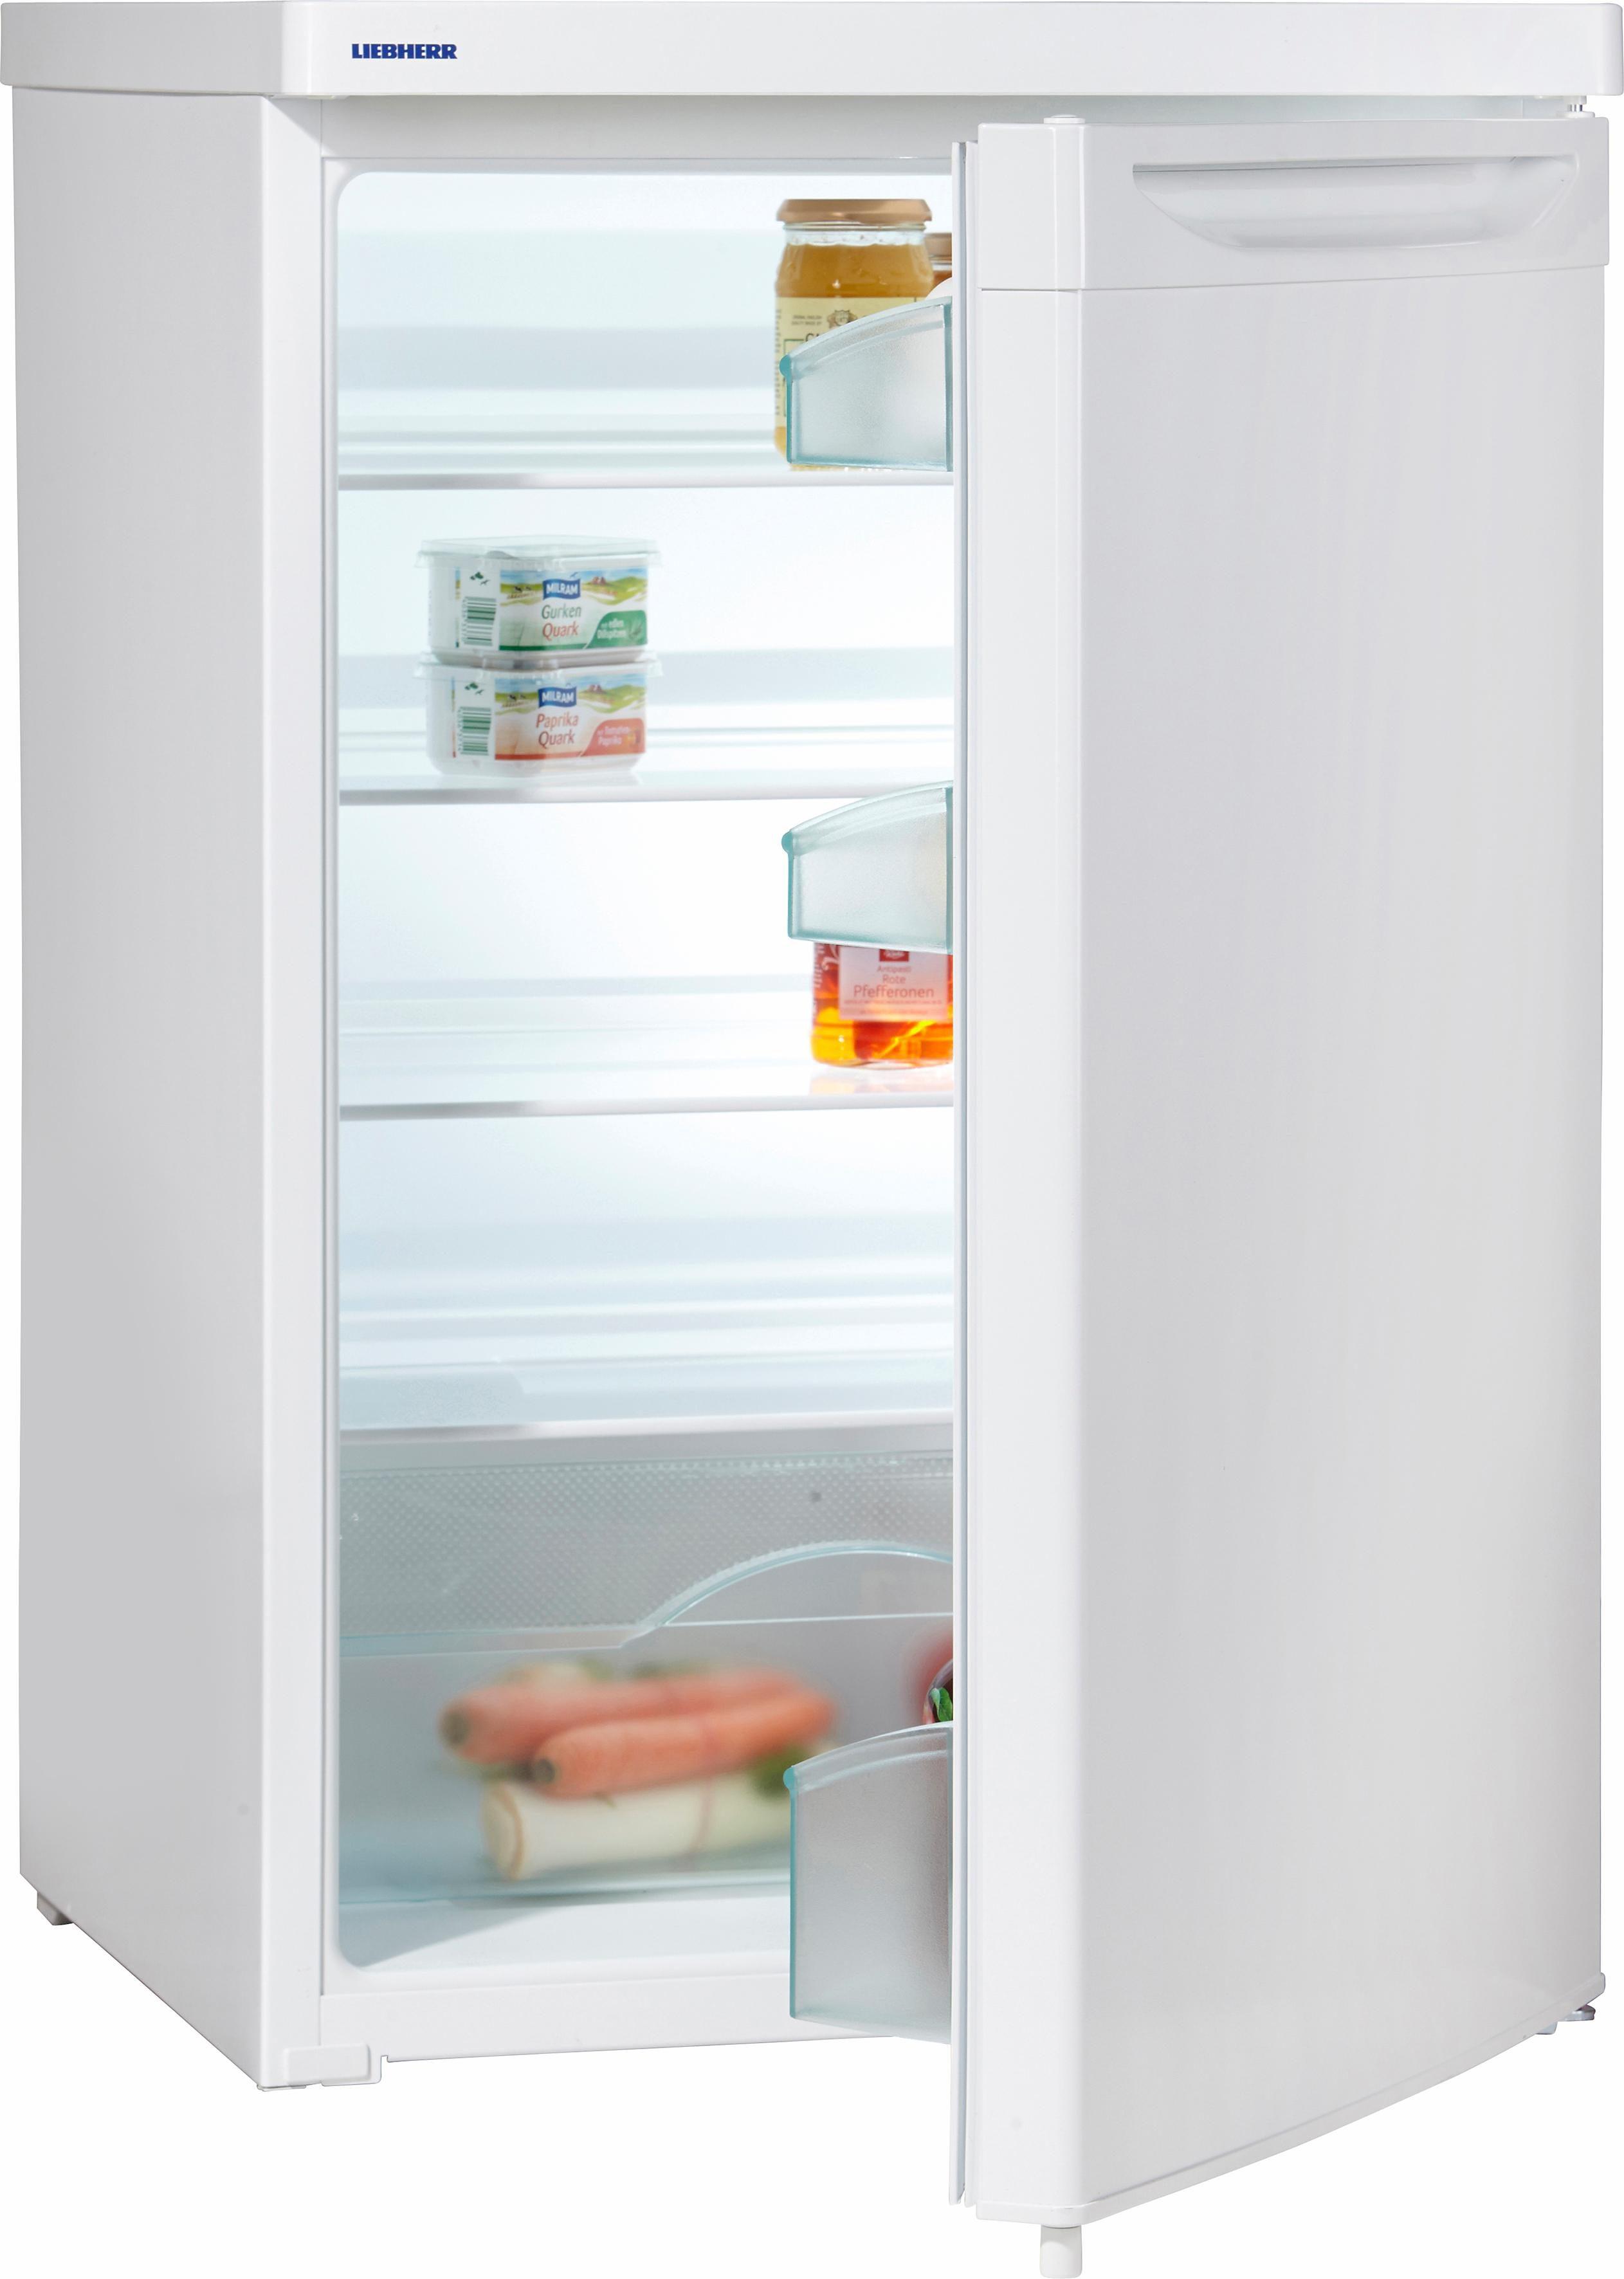 Liebherr Kühlschrank T 1700- 20, A+, 85 cm hoch